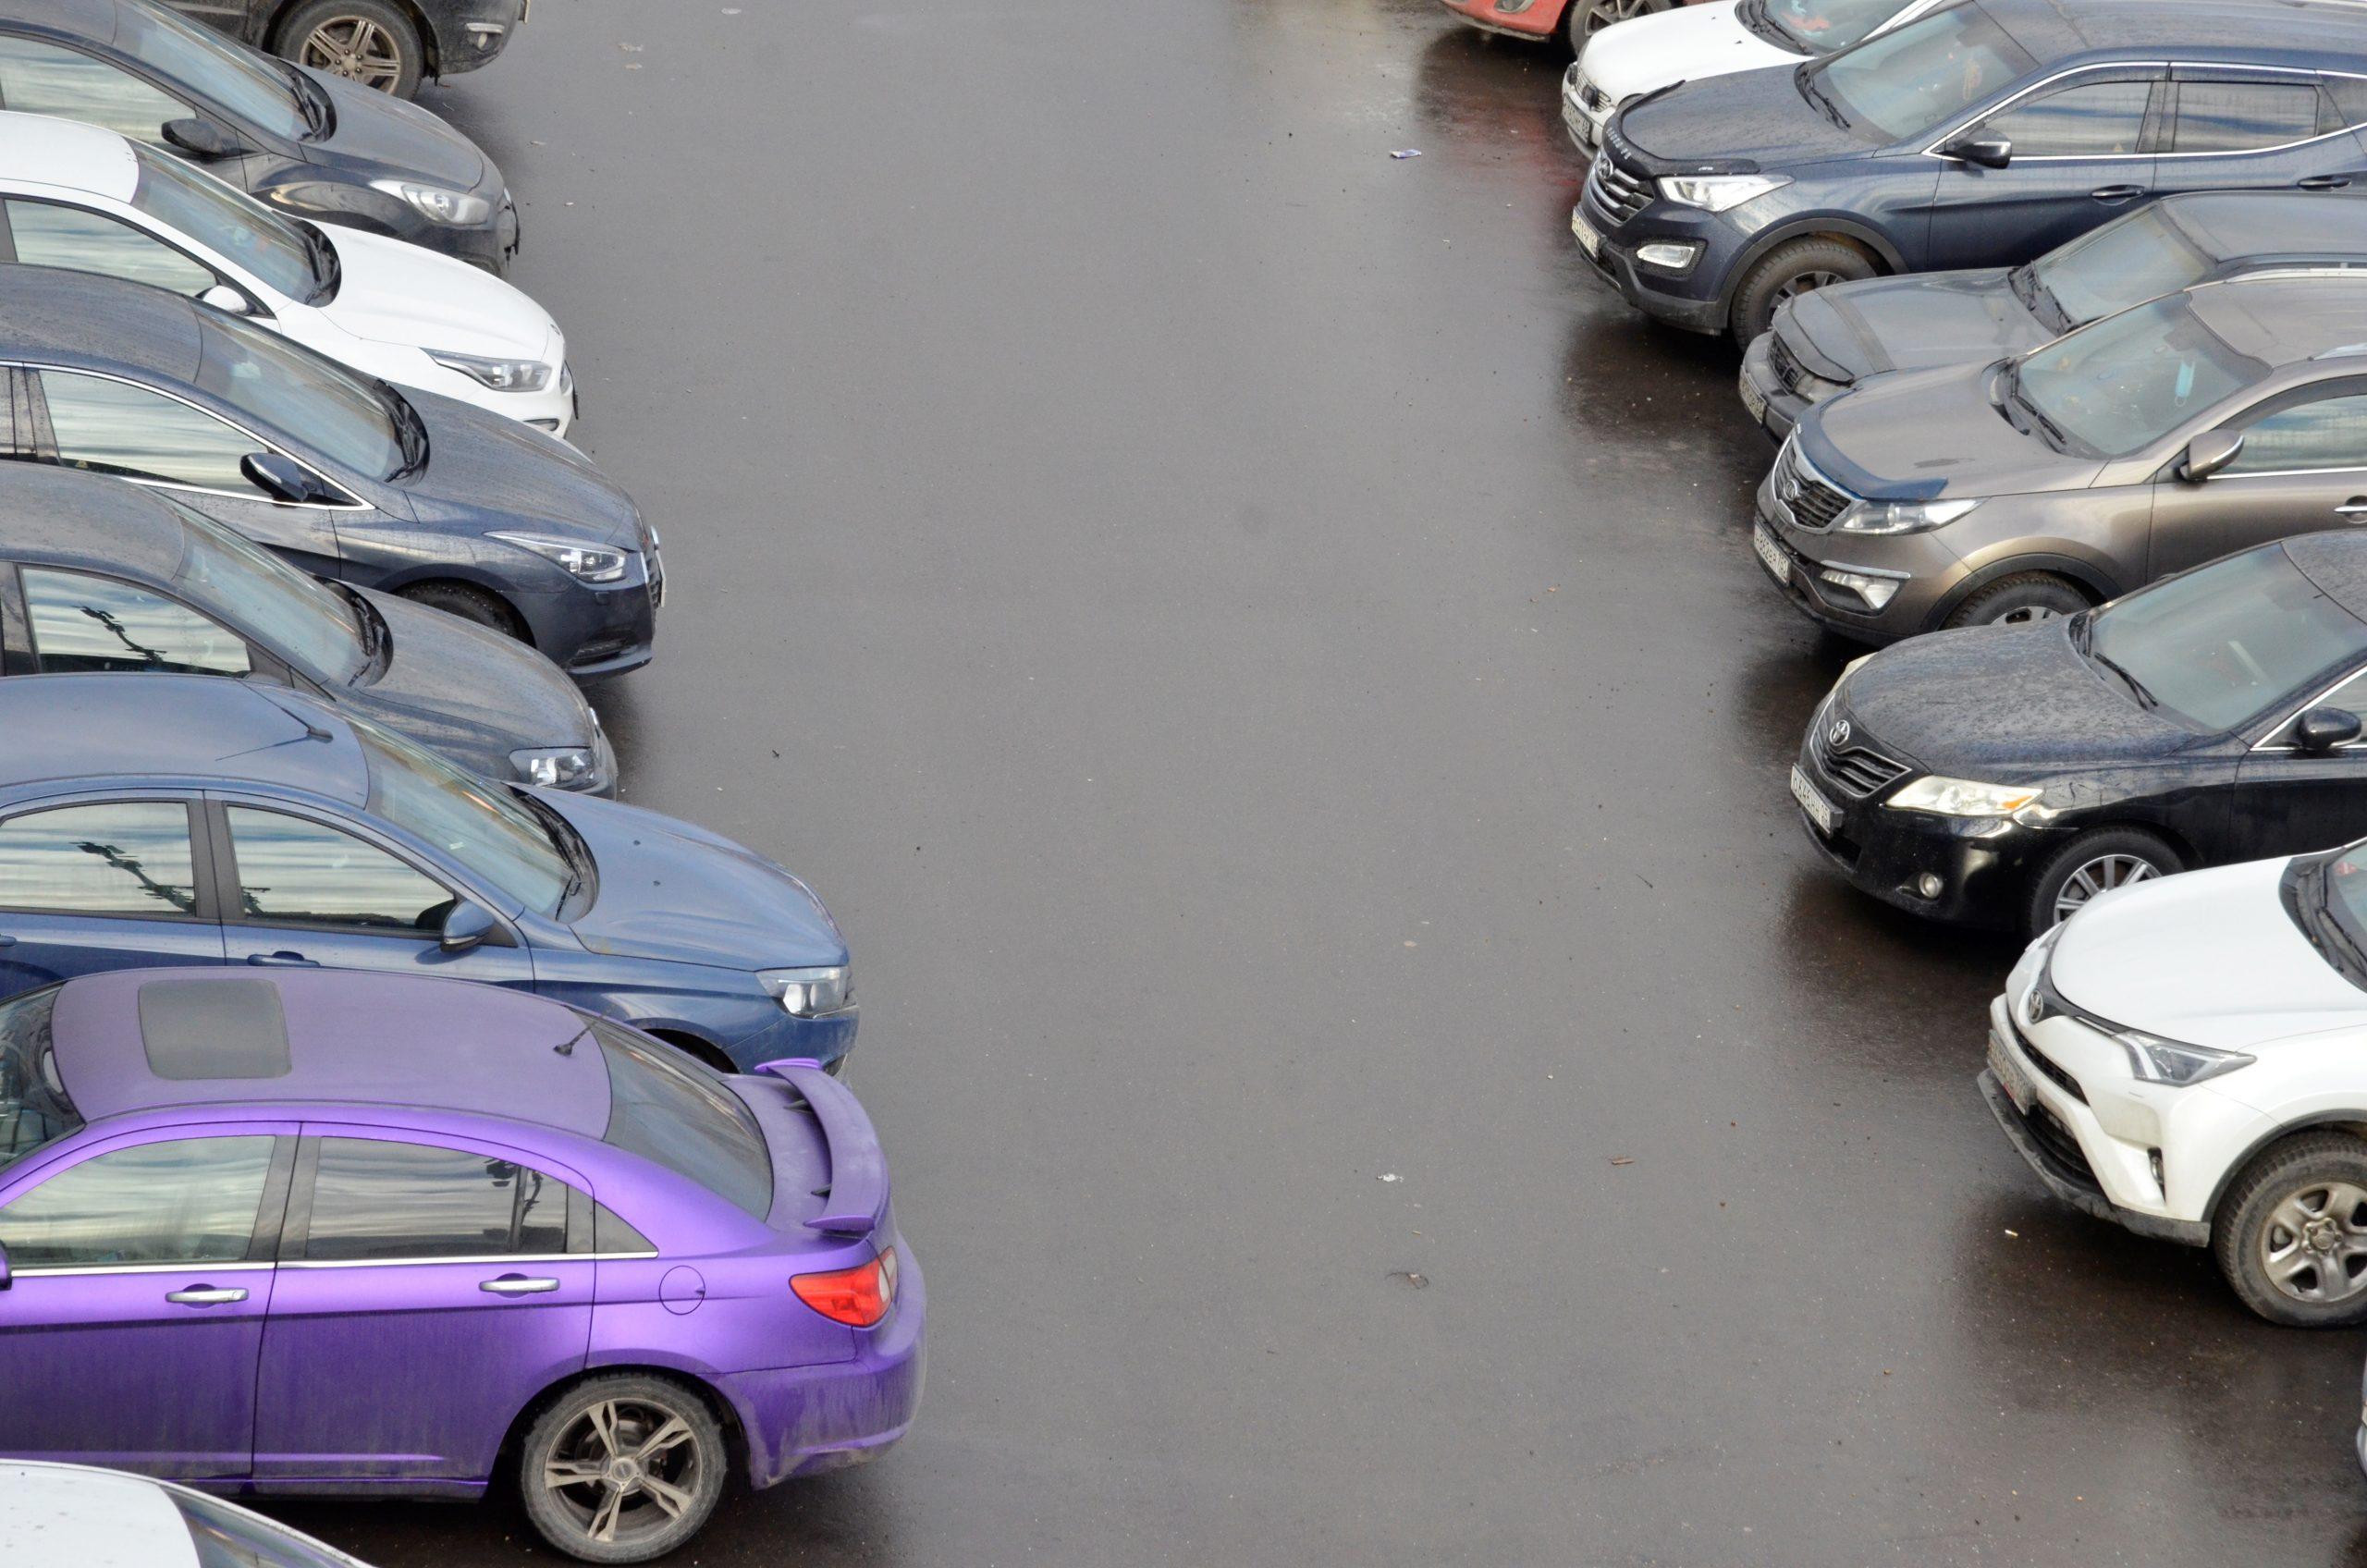 Бесплатное парковочное место на 100 машин появилось в Нагатинском Затоне